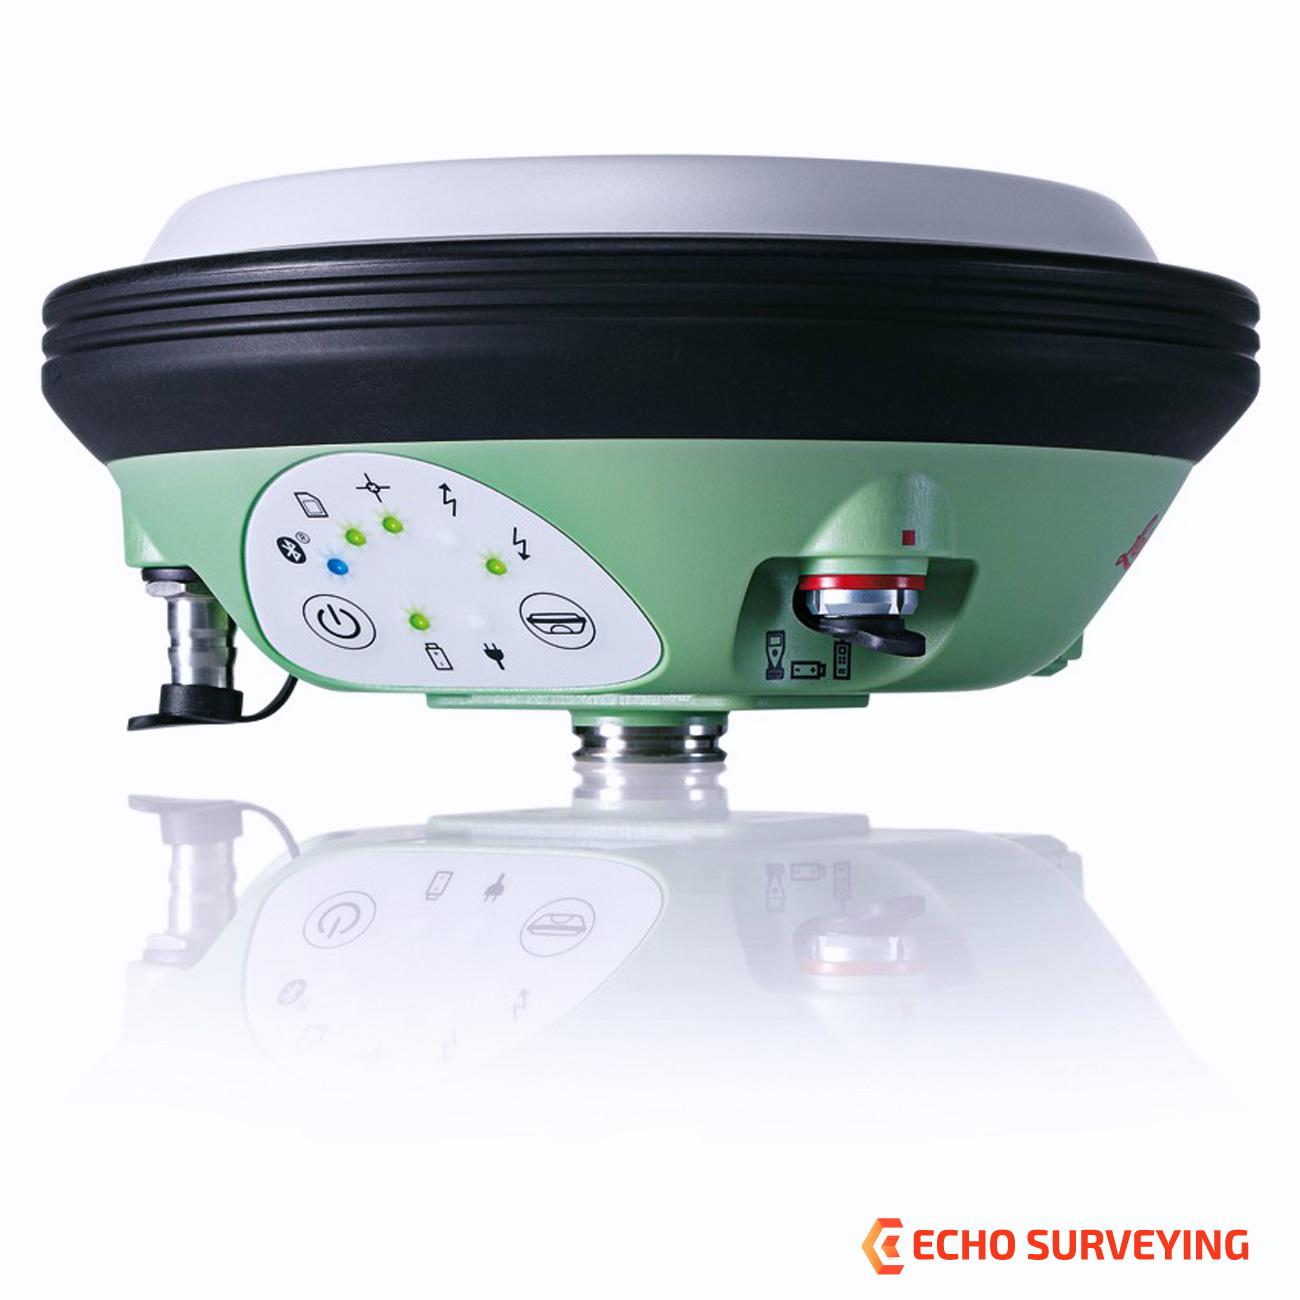 Leica-Viva-GS14-GNSS-RTK-Rover-Buy.jpg